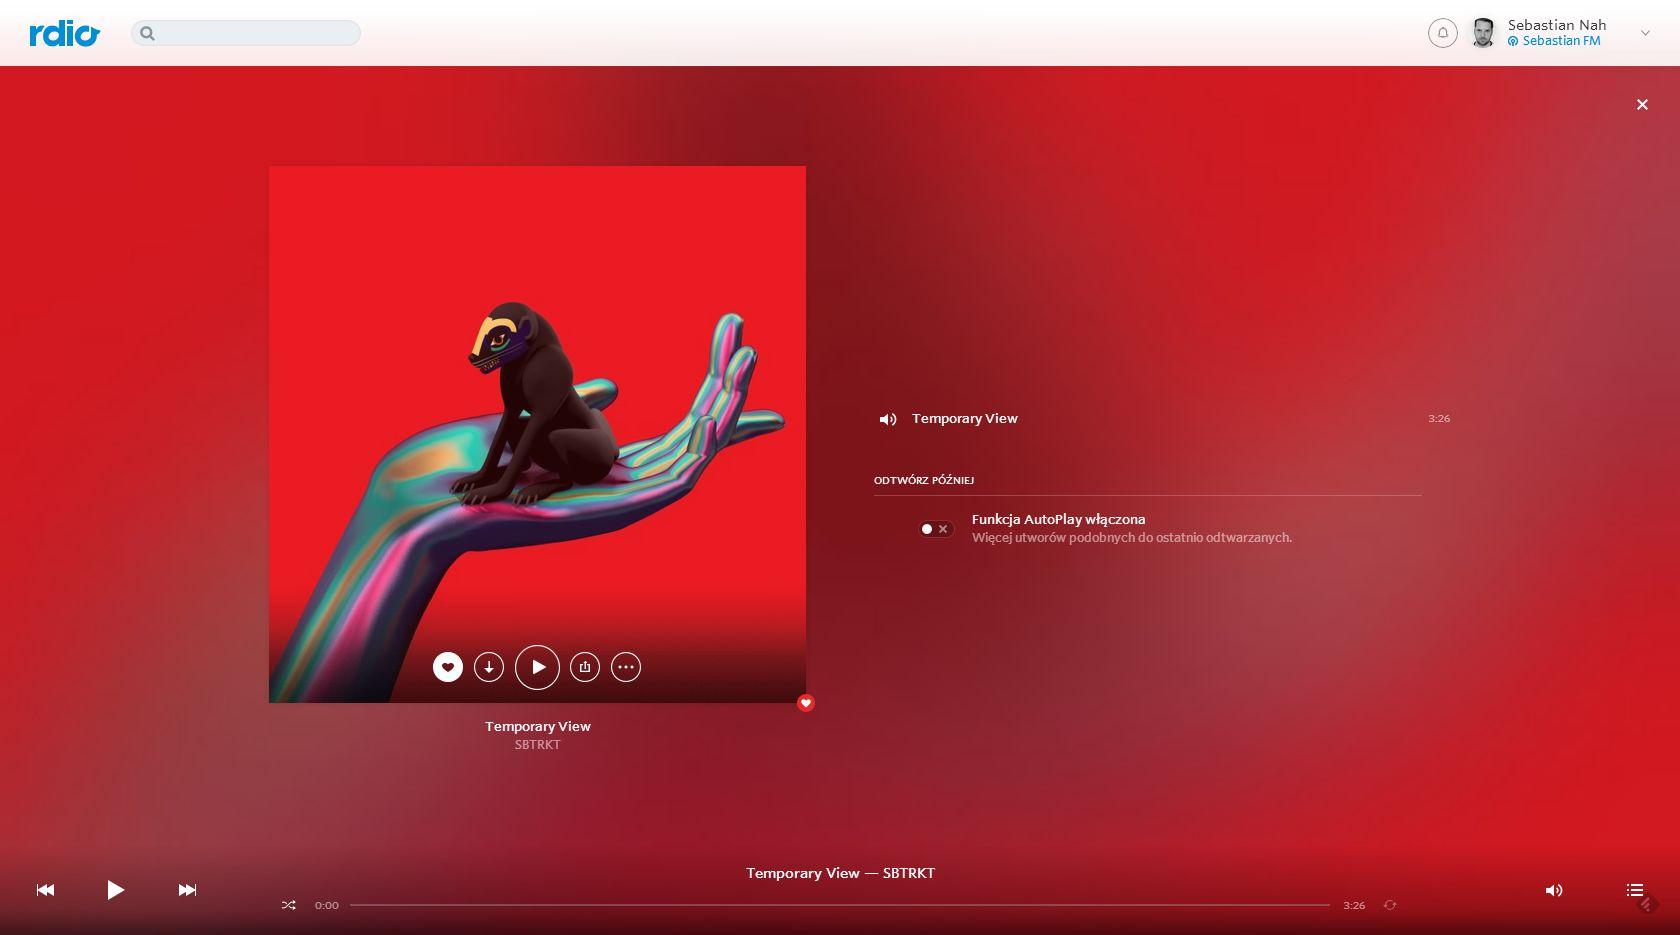 Moje ukochane Rdio aktualizuje wygląd, jest jeszcze piękniejsze niż Spotify i Deezer razem wzięte